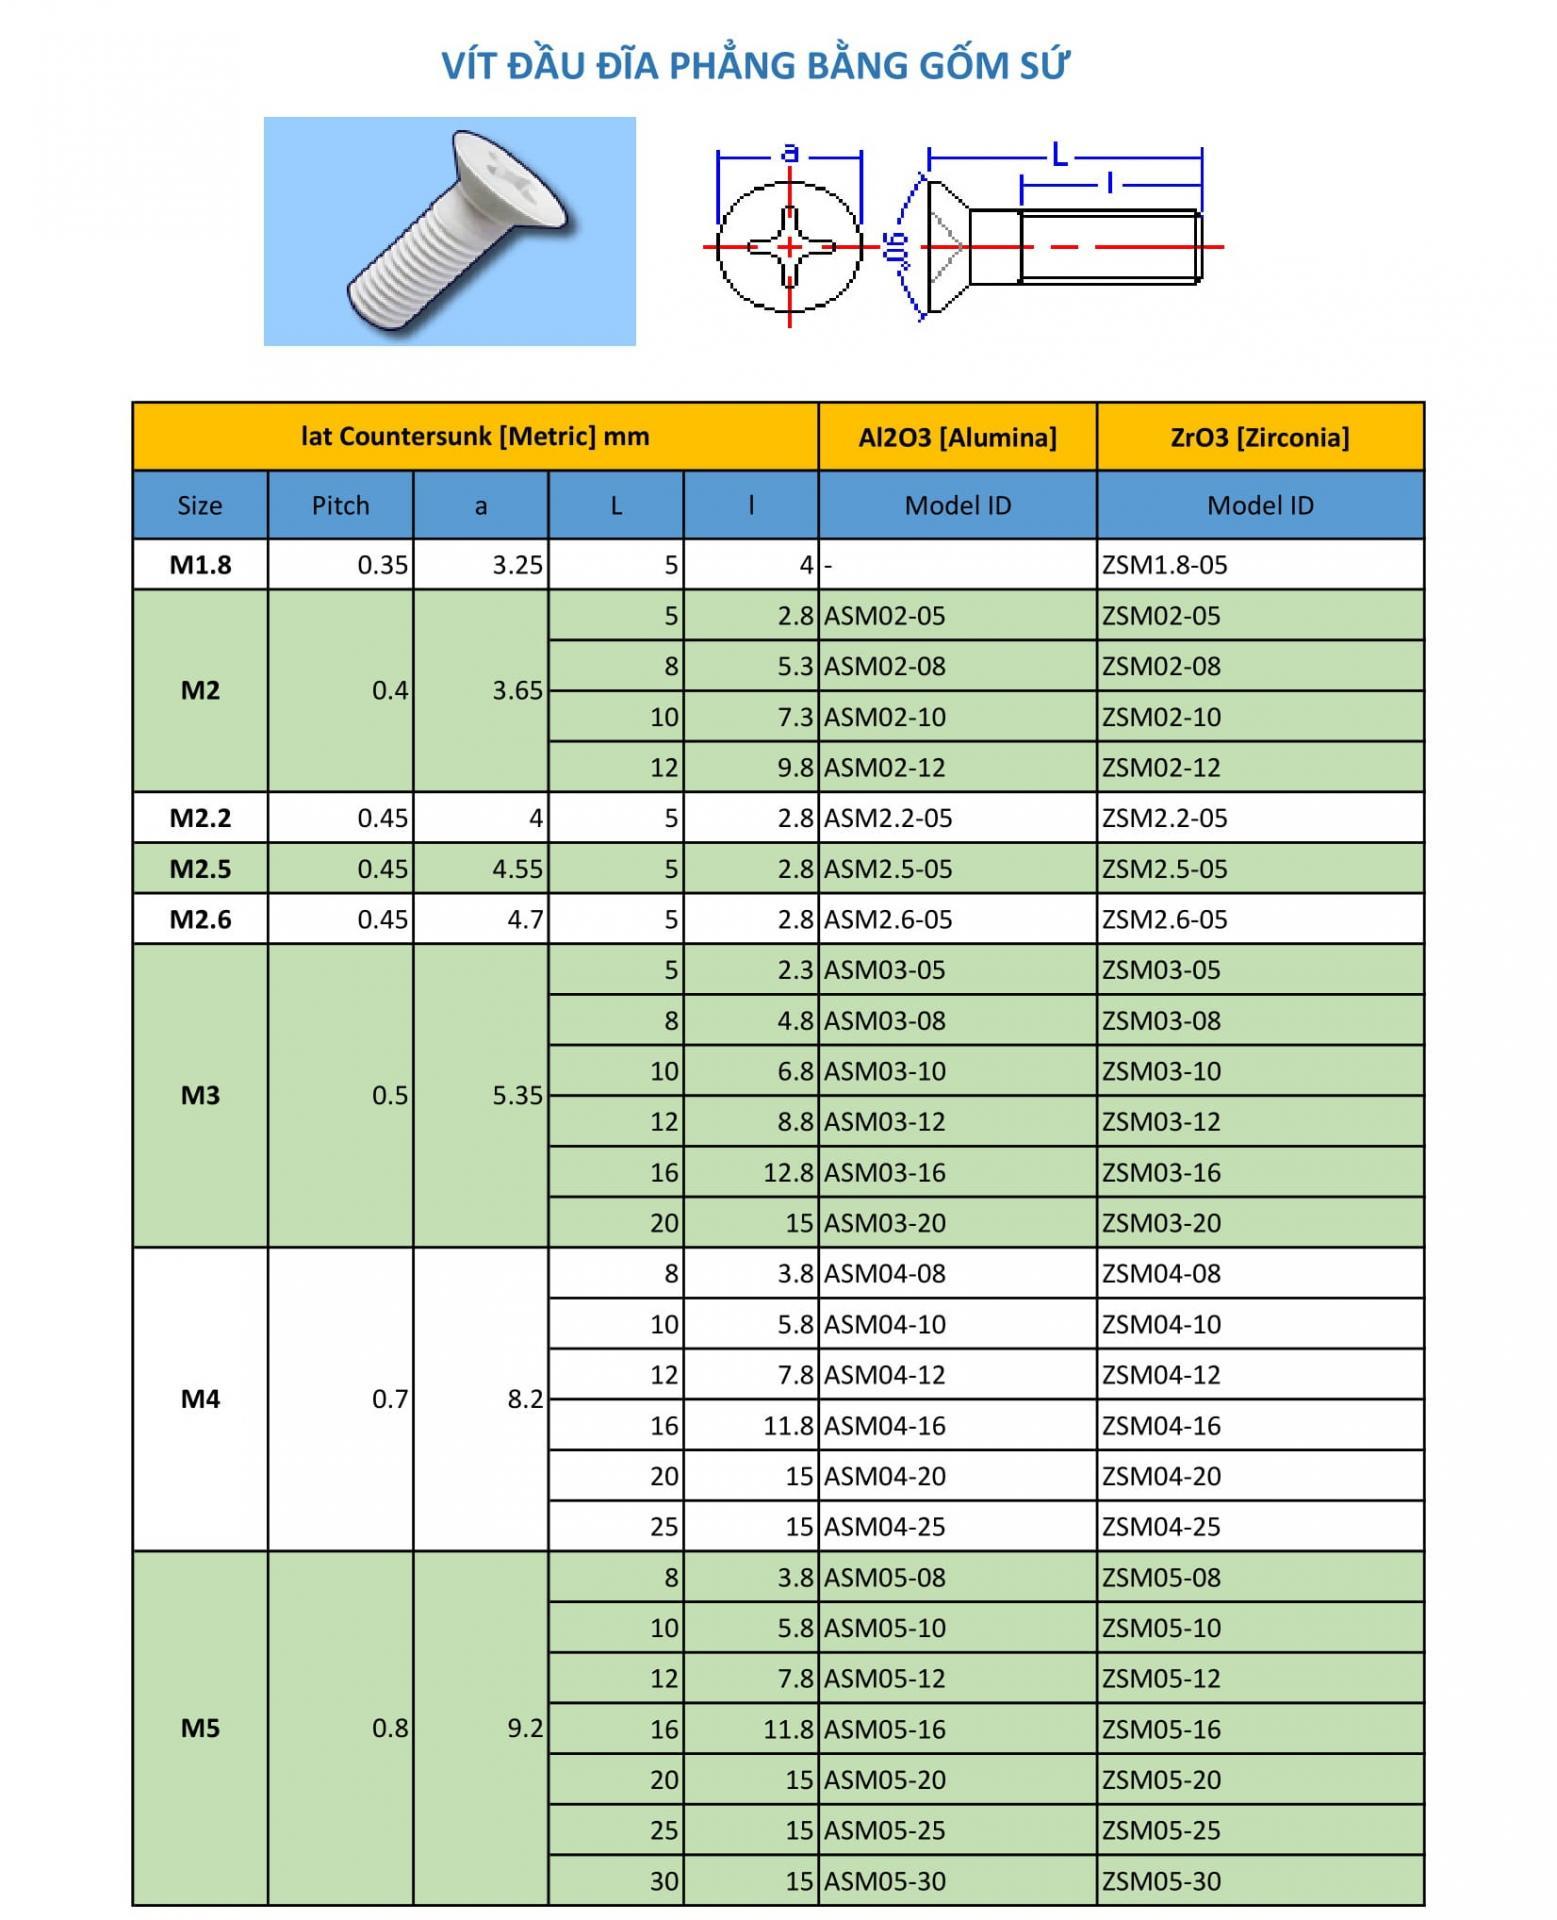 Vít đầu đĩa phẳng gốm sứ-1